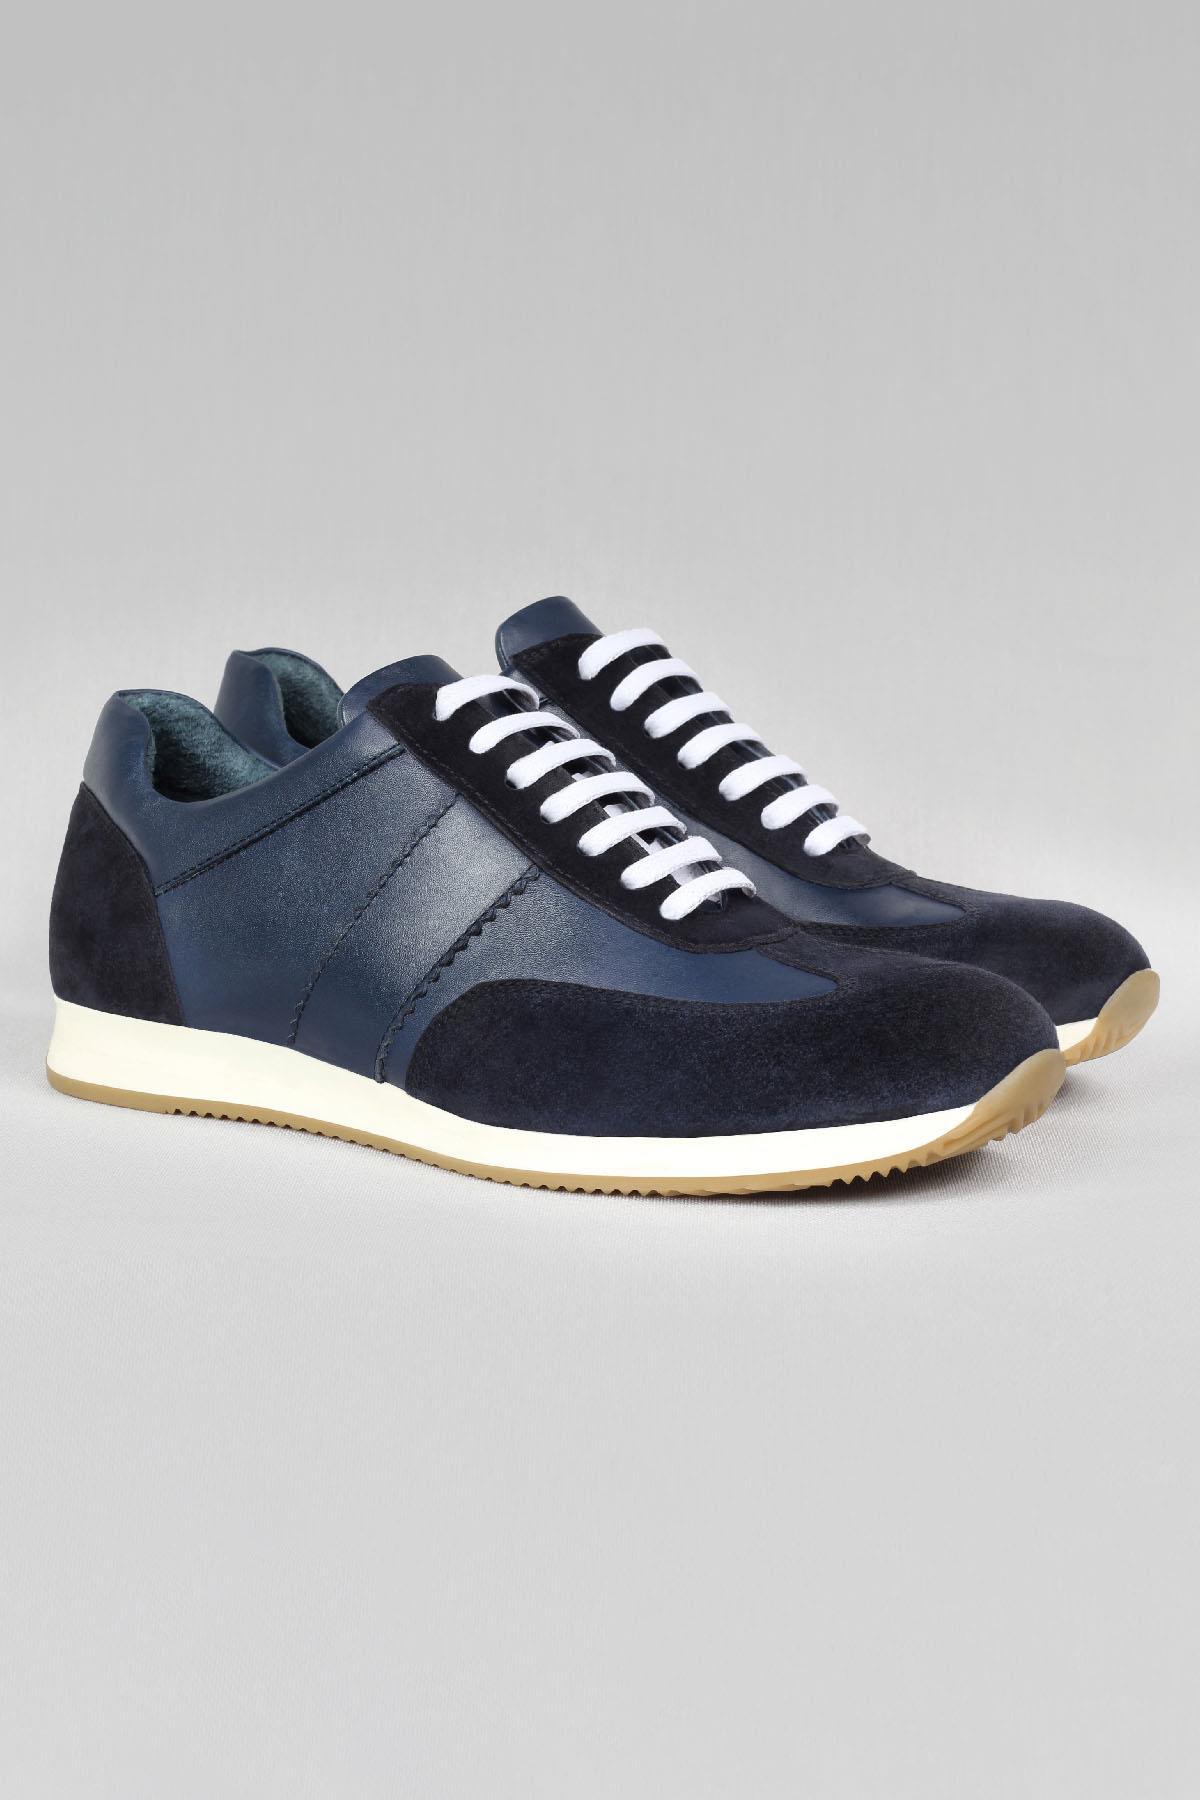 Buyuksun Hakik Deri Erkek Sneaker Şeritli Extra Ped Spor Ayakkabı 36.140.42